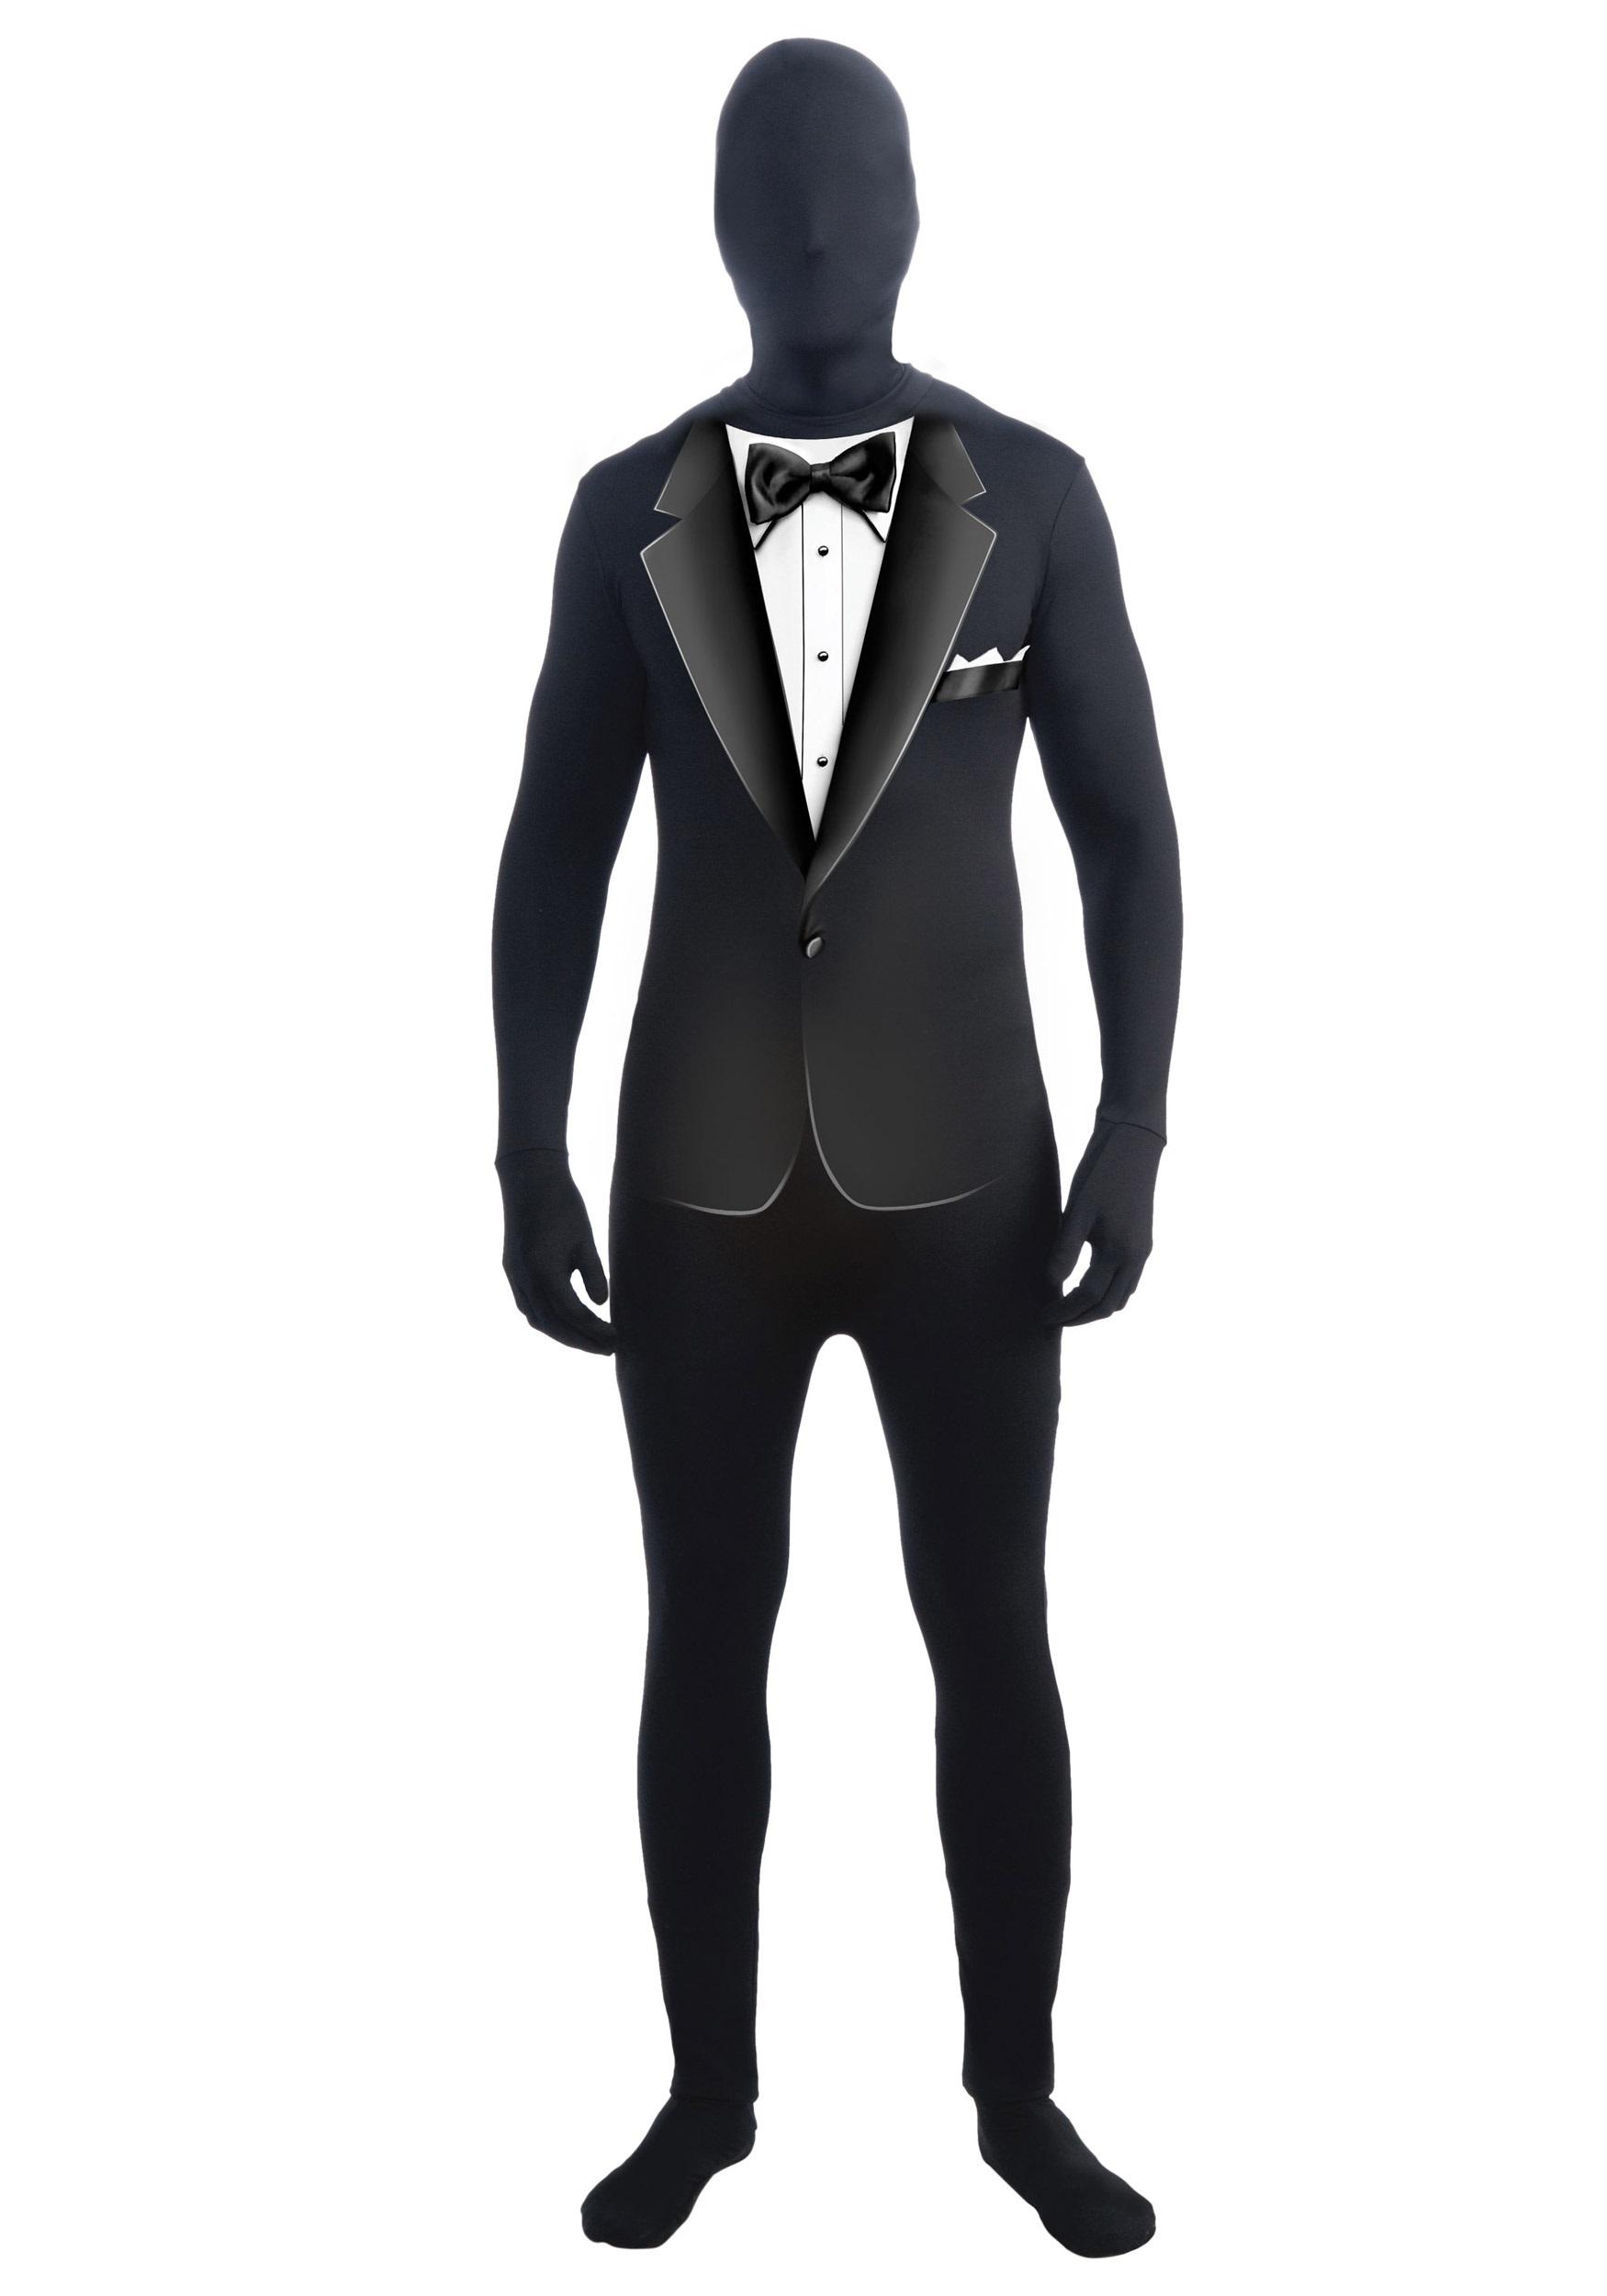 Formal Tuxedo Morph Suit